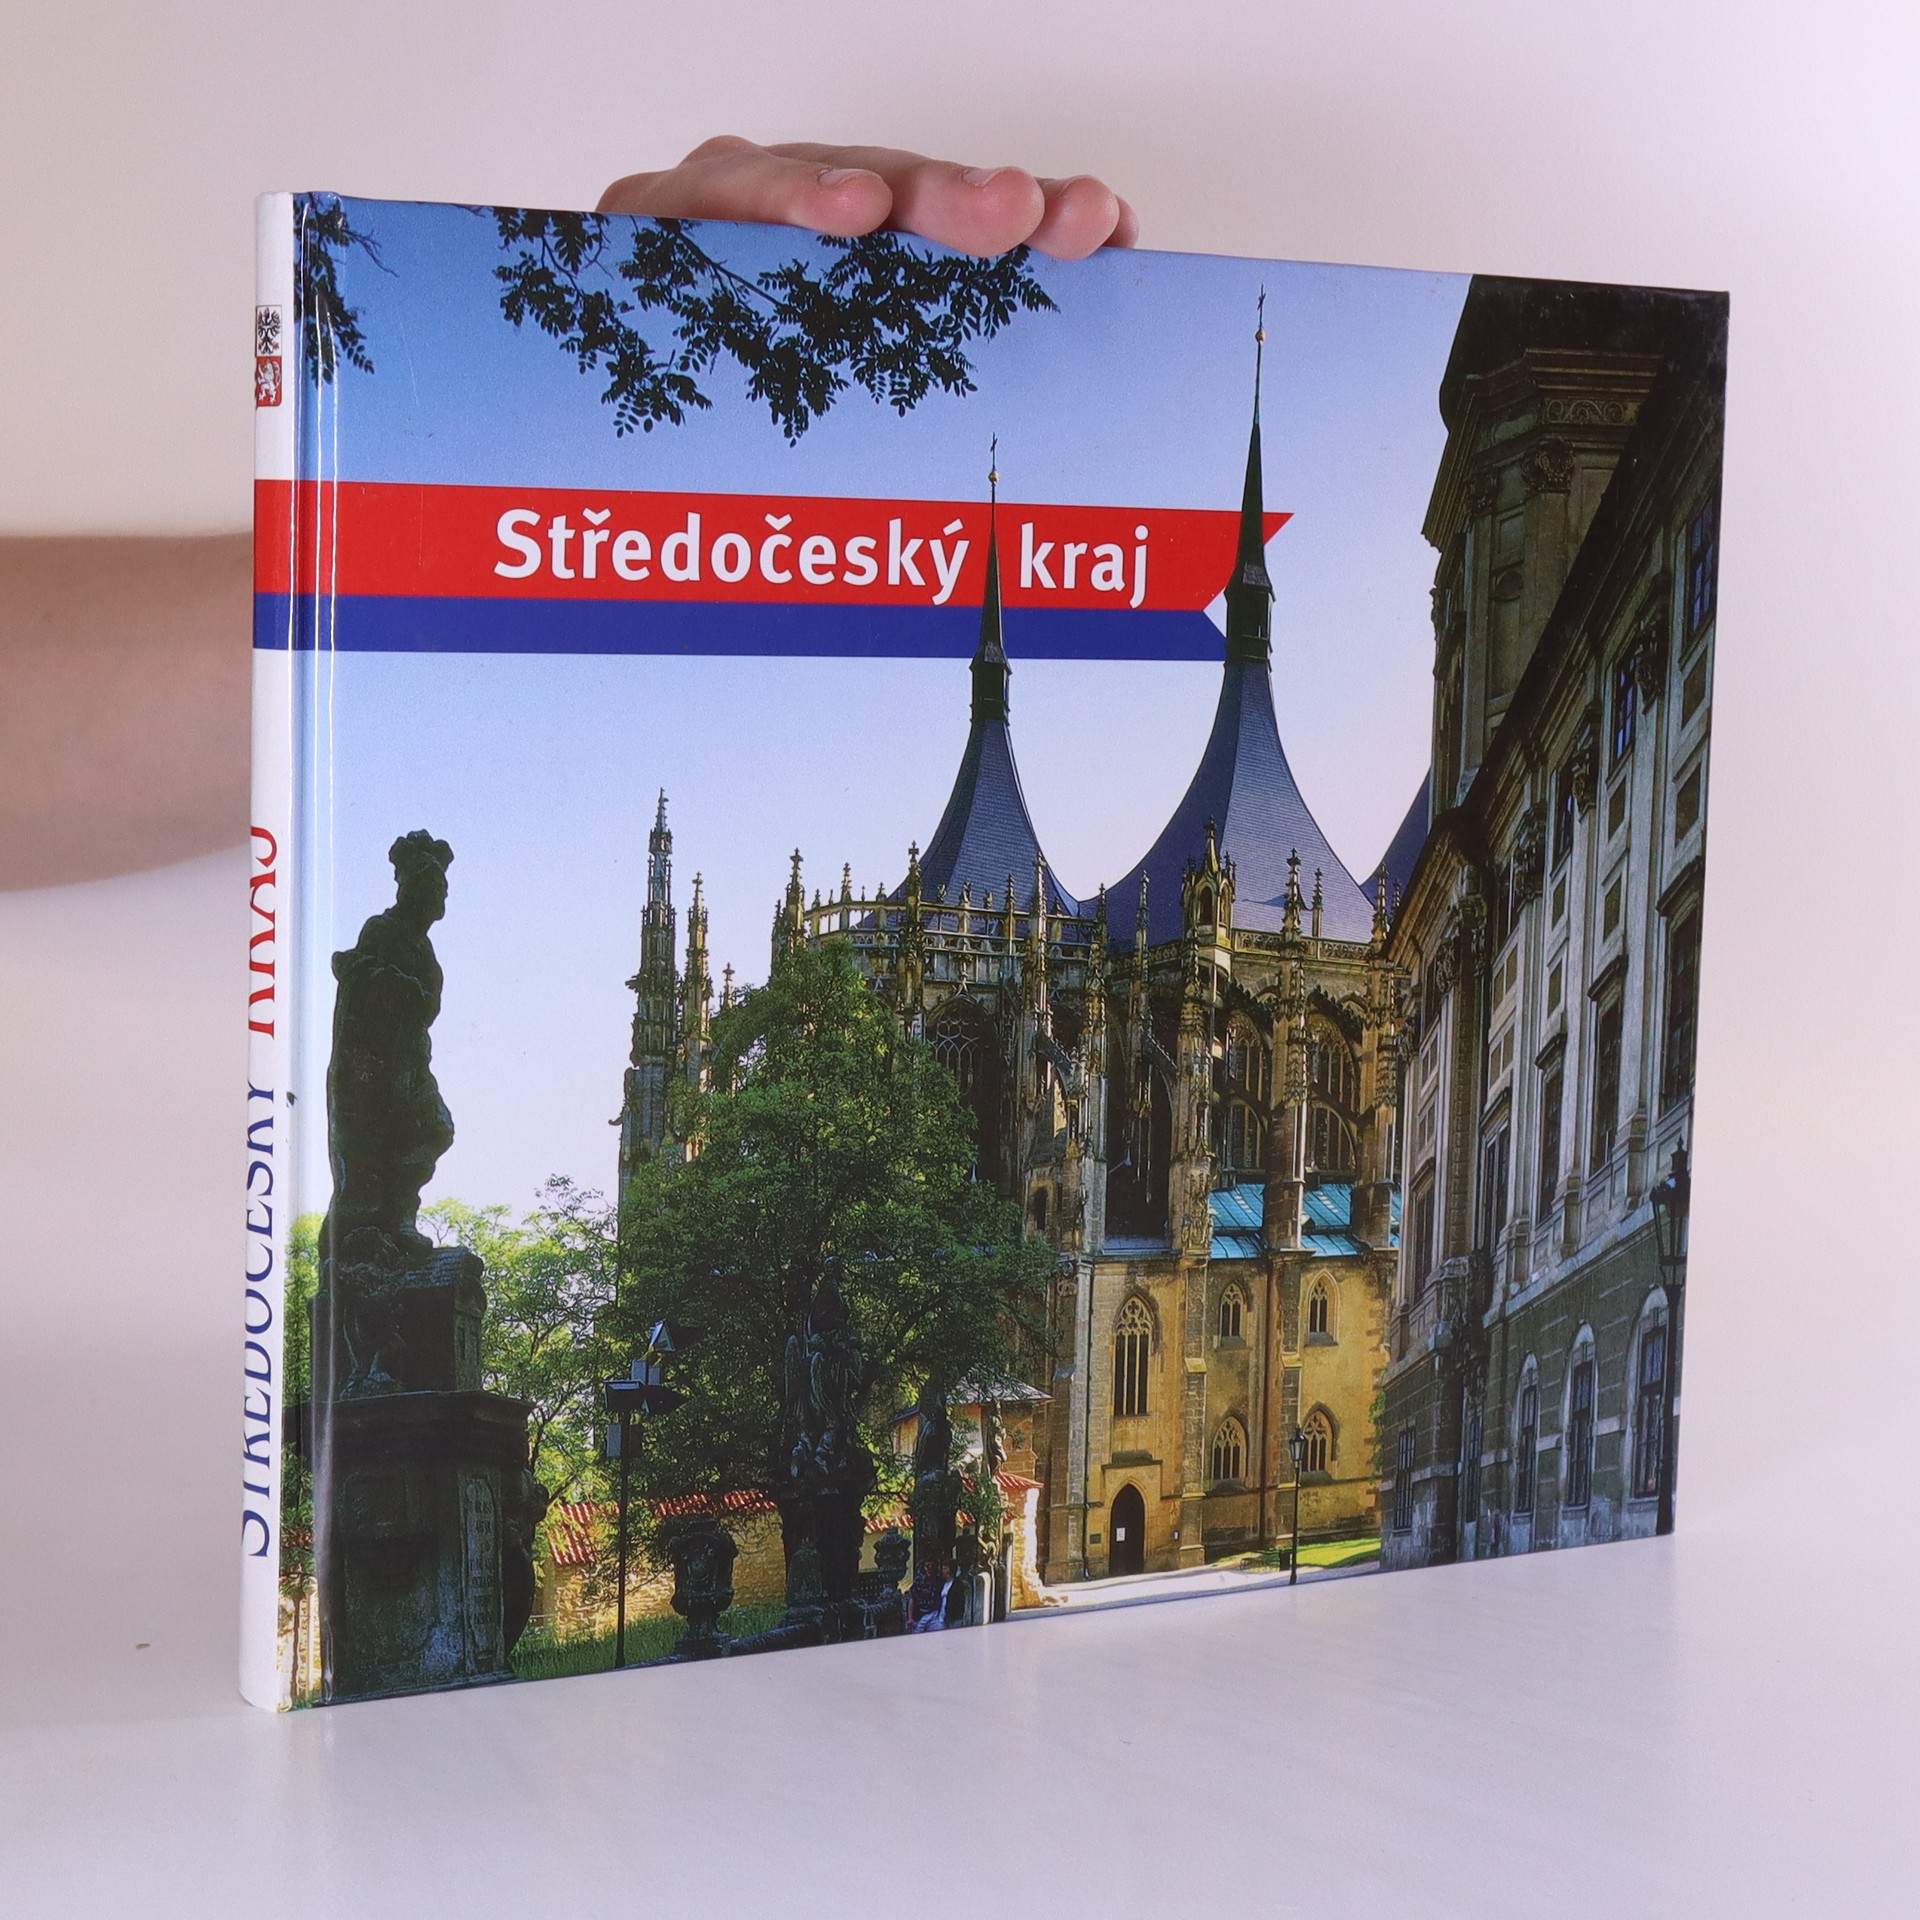 antikvární kniha Středočeský kraj, 2011